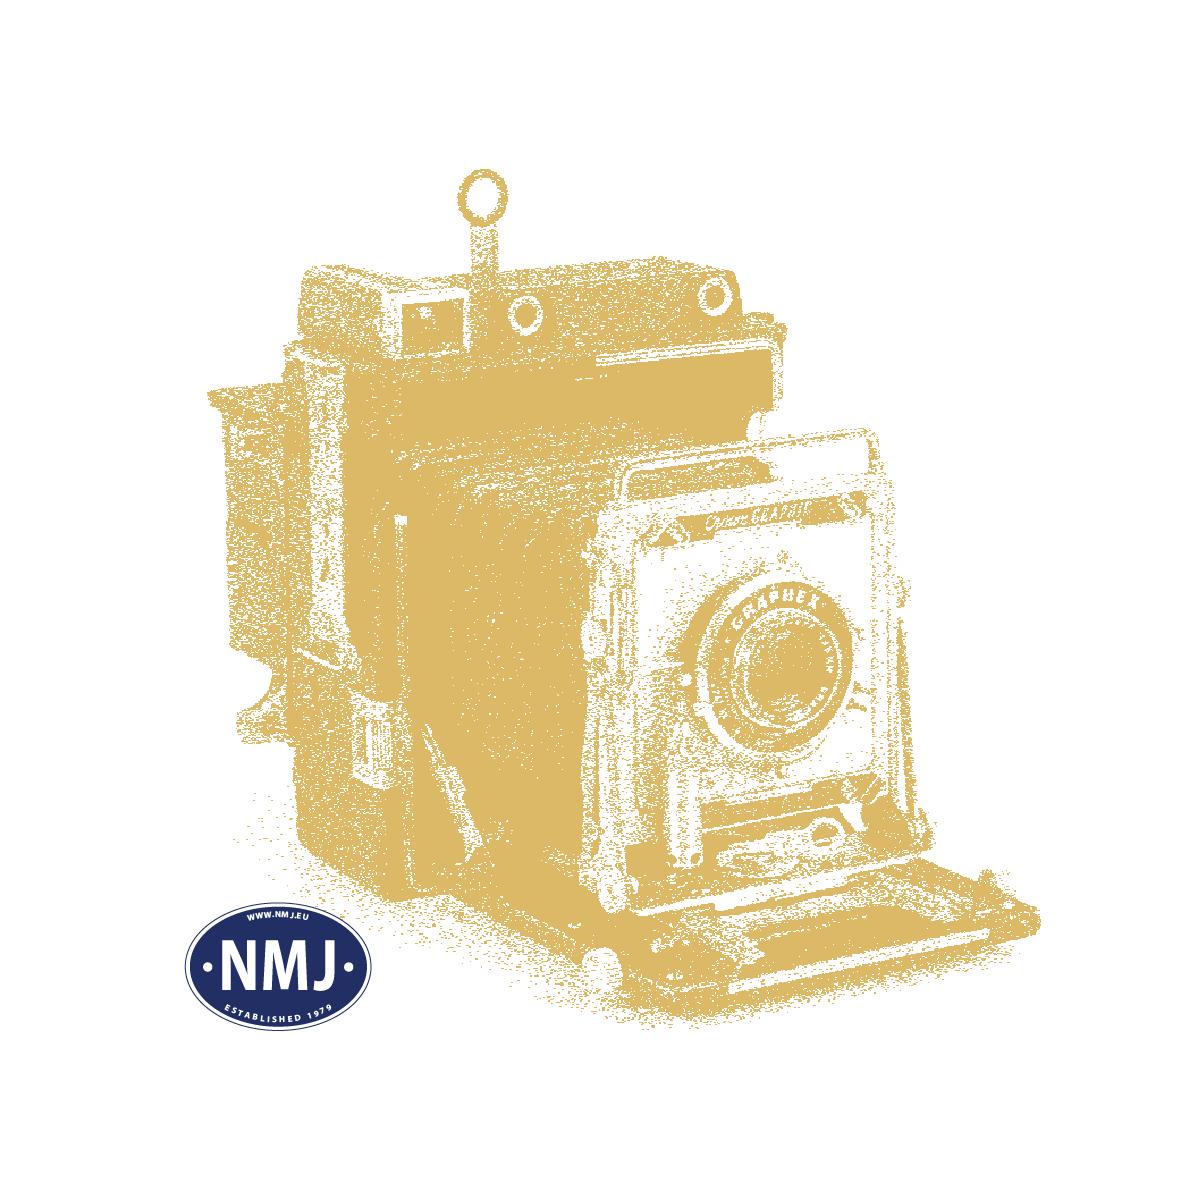 NMJT132.301 - NMJ Topline NSB B4 25957 rot/schwarz design